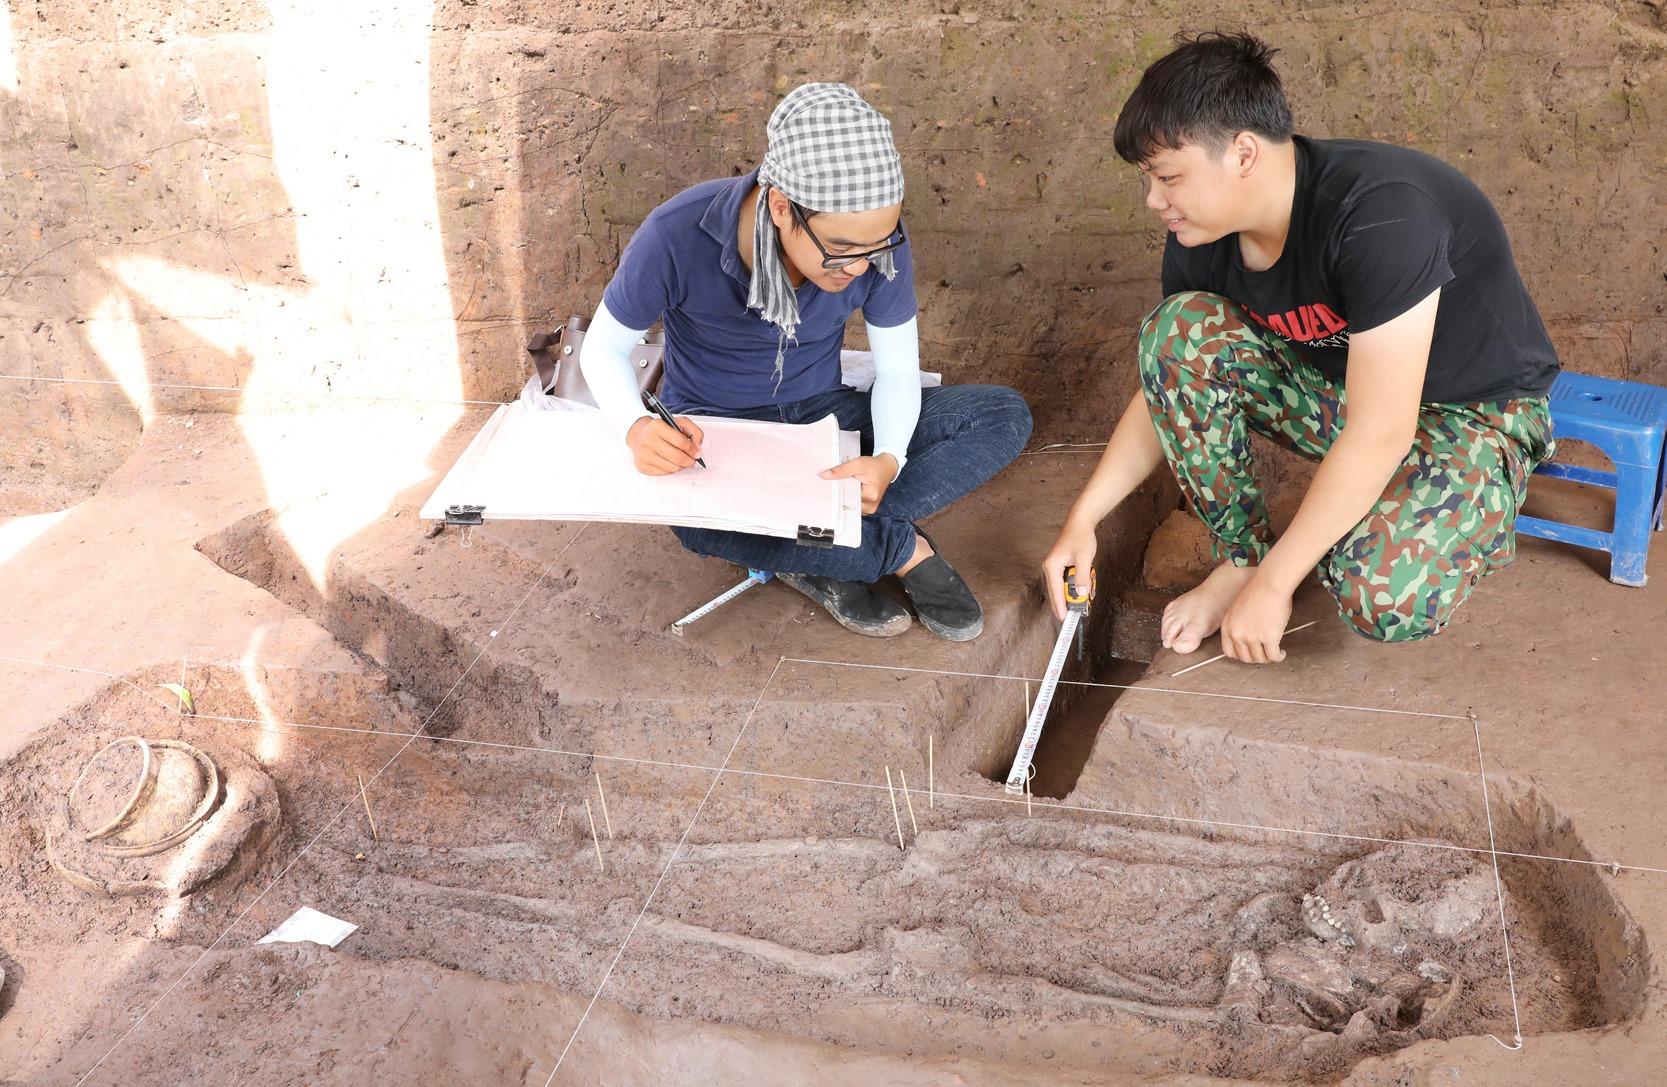 Từ tháng 4/2019, cụm di chỉ Vườn Chuối được tiến hành đào khẩn cấp để lên phương án bảo tồn. Ảnh: Nguyễn Văn Thắng.